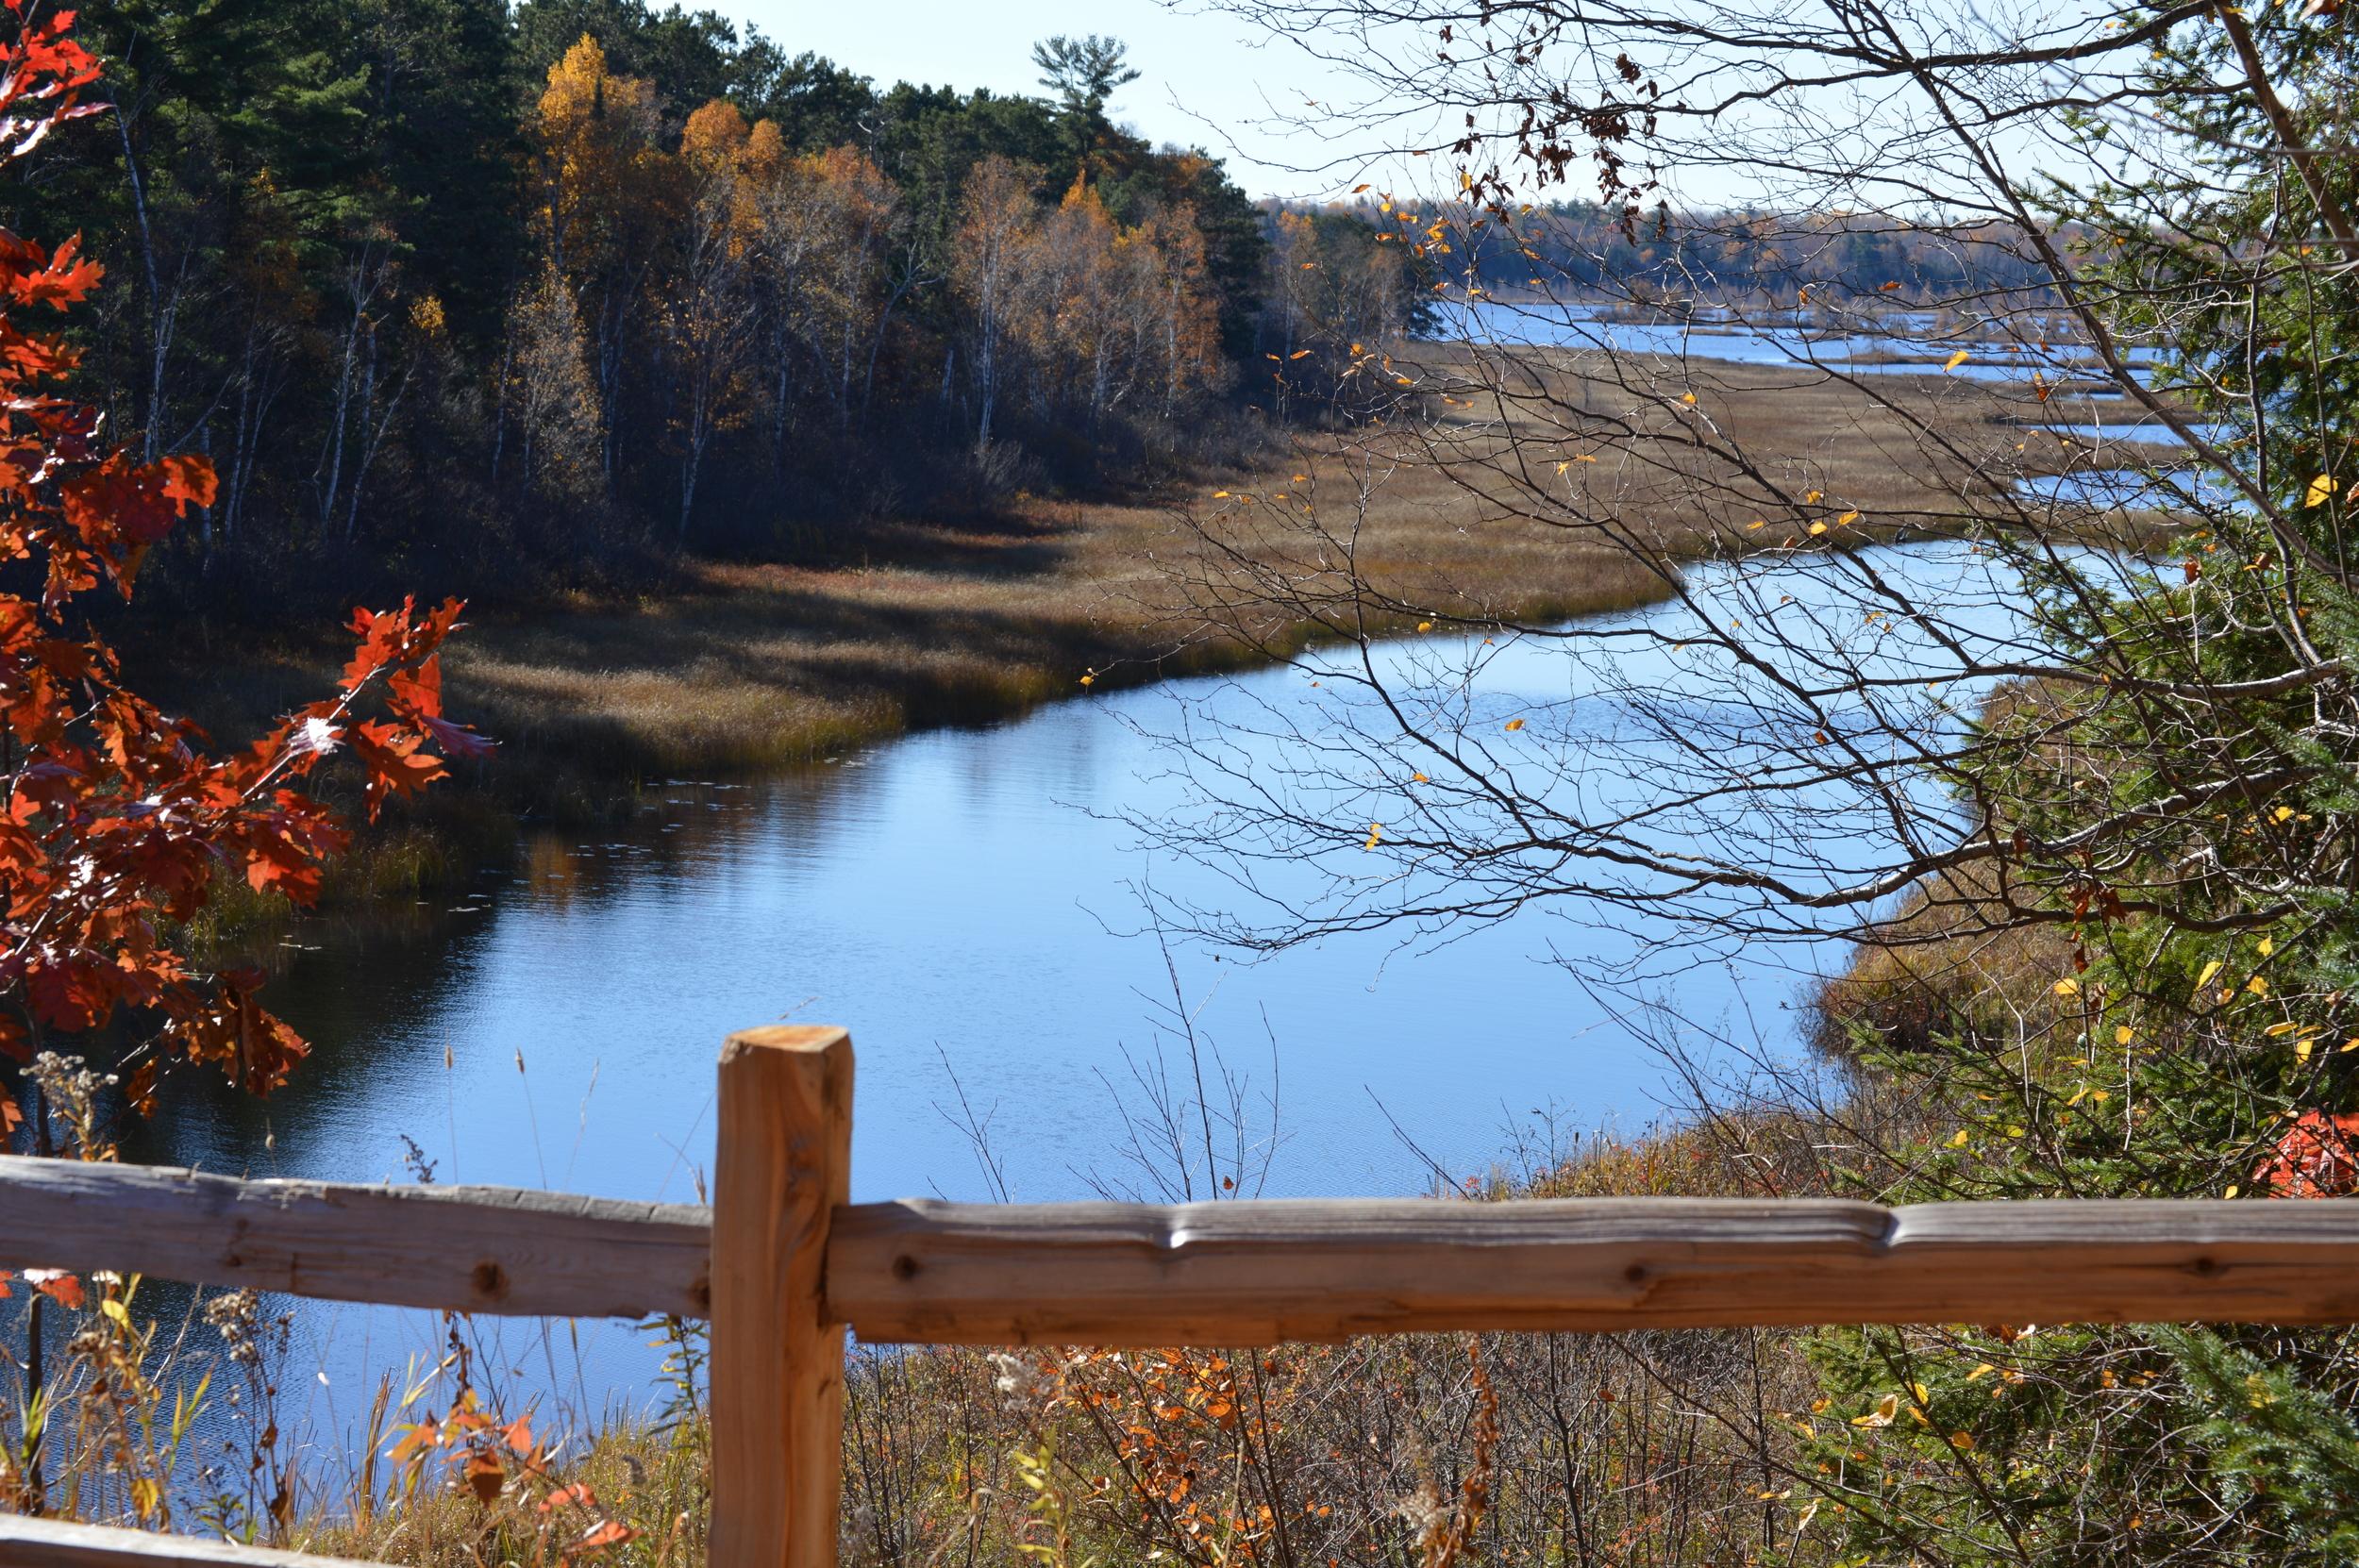 The Lagoon in Autumn